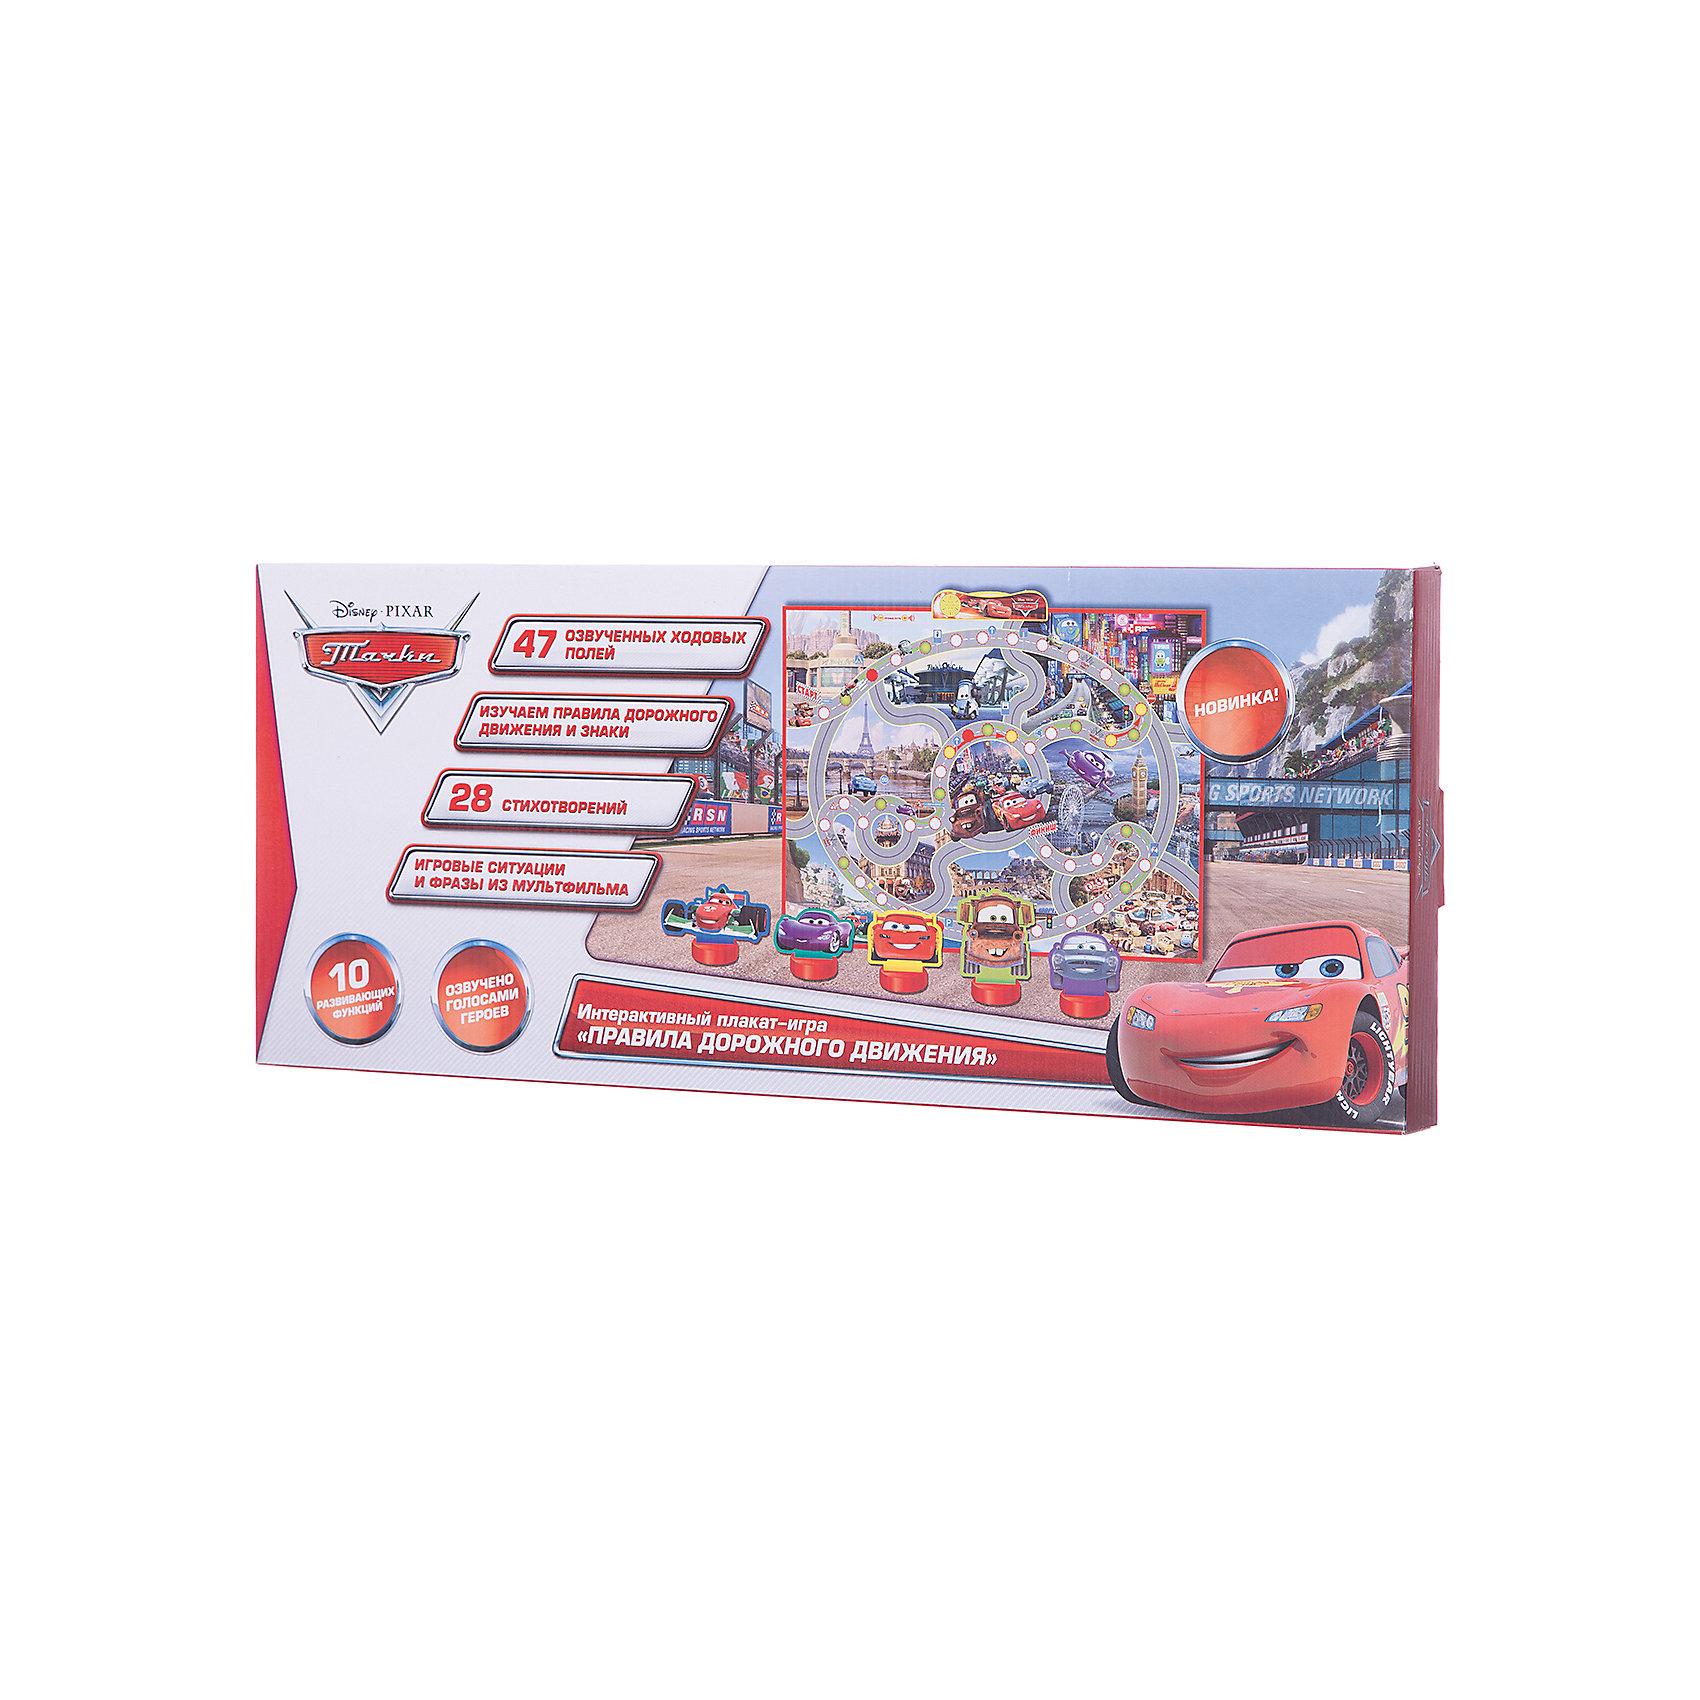 Плакат-игра интерактивный обучающий Правила дорожного движения, Тачки DisneyОбучающие карточки<br>Интерактивный обучающий плакат Правила дорожного движения Тачки (Cars) совмещает в себе увлекательную настольную игру и веселое пособие для обучение правилам дорожного движения. Увлекательная настольная игра основана на сюжете популярного диснеевского мультфильма Тачки. В игре могут участвовать до 5 игроков, в комплект входят кубик и 5 фишек с изображениями персонажей мультфильма. Игроки по очереди бросают кубик и передвигаются по озвученным ходовым полям. Всего в игре 47 озвученных ходовых полей, 28 стихотворений и различные фразы из мультфильма. <br><br>С помощью этой замечательной игрушки ребенок научится основам правильного поведения на проезжей части и в качестве водителя, и в качестве пешехода. Плакат имеет влагозащитную поверхность, его можно положить на стол или прикрепить на стену. Он оснащен сенсорными кнопками, громкость можно регулировать, автоматическое отключение.<br><br>Дополнительная информация:<br><br>- Материал:  качественный пластик, картон.<br>- Требуются батарейки: 3 х типа ААА (входят в комплект).<br>- Размер: 58,5 х 47 см.<br>- Размер упаковки: 63 х 4 х 25 см.<br>- Вес: 400 гр. <br><br>Обучающий интерактивный плакат-игру Правила дорожного движения, Тачки Disney можно купить в нашем интернет-магазине.<br><br>Ширина мм: 470<br>Глубина мм: 650<br>Высота мм: 40<br>Вес г: 400<br>Возраст от месяцев: 36<br>Возраст до месяцев: 84<br>Пол: Мужской<br>Возраст: Детский<br>SKU: 3571138